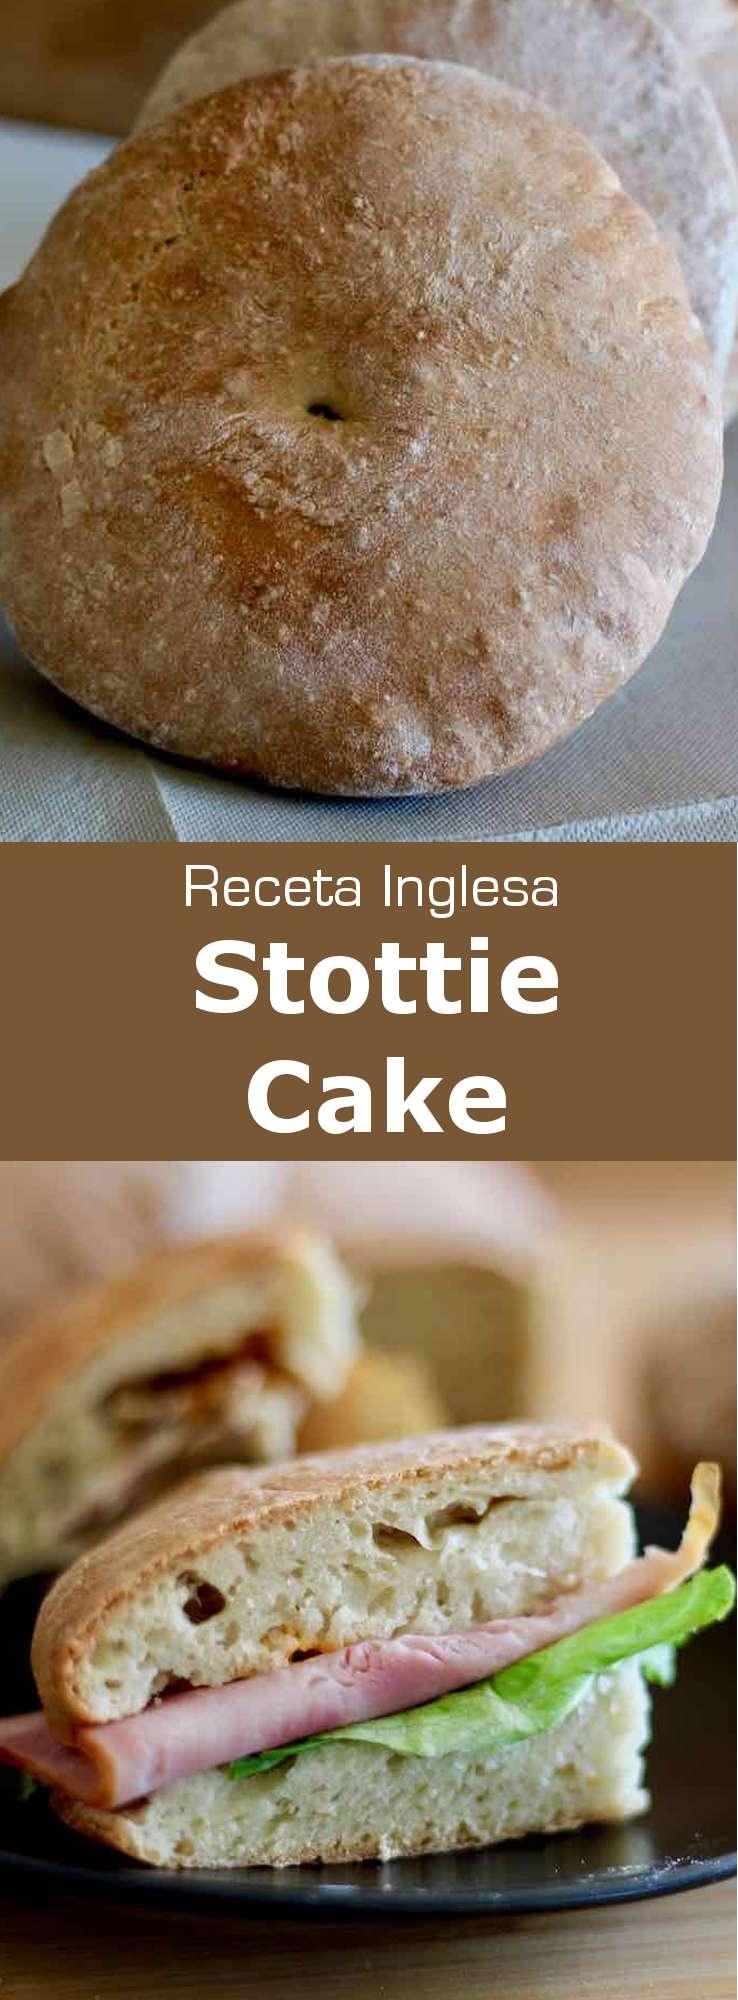 El stottie cake (stotty) es un pan plano originario de Newcastle, en el noreste de Inglaterra, donde es considerado un gran símbolo de su identidad.